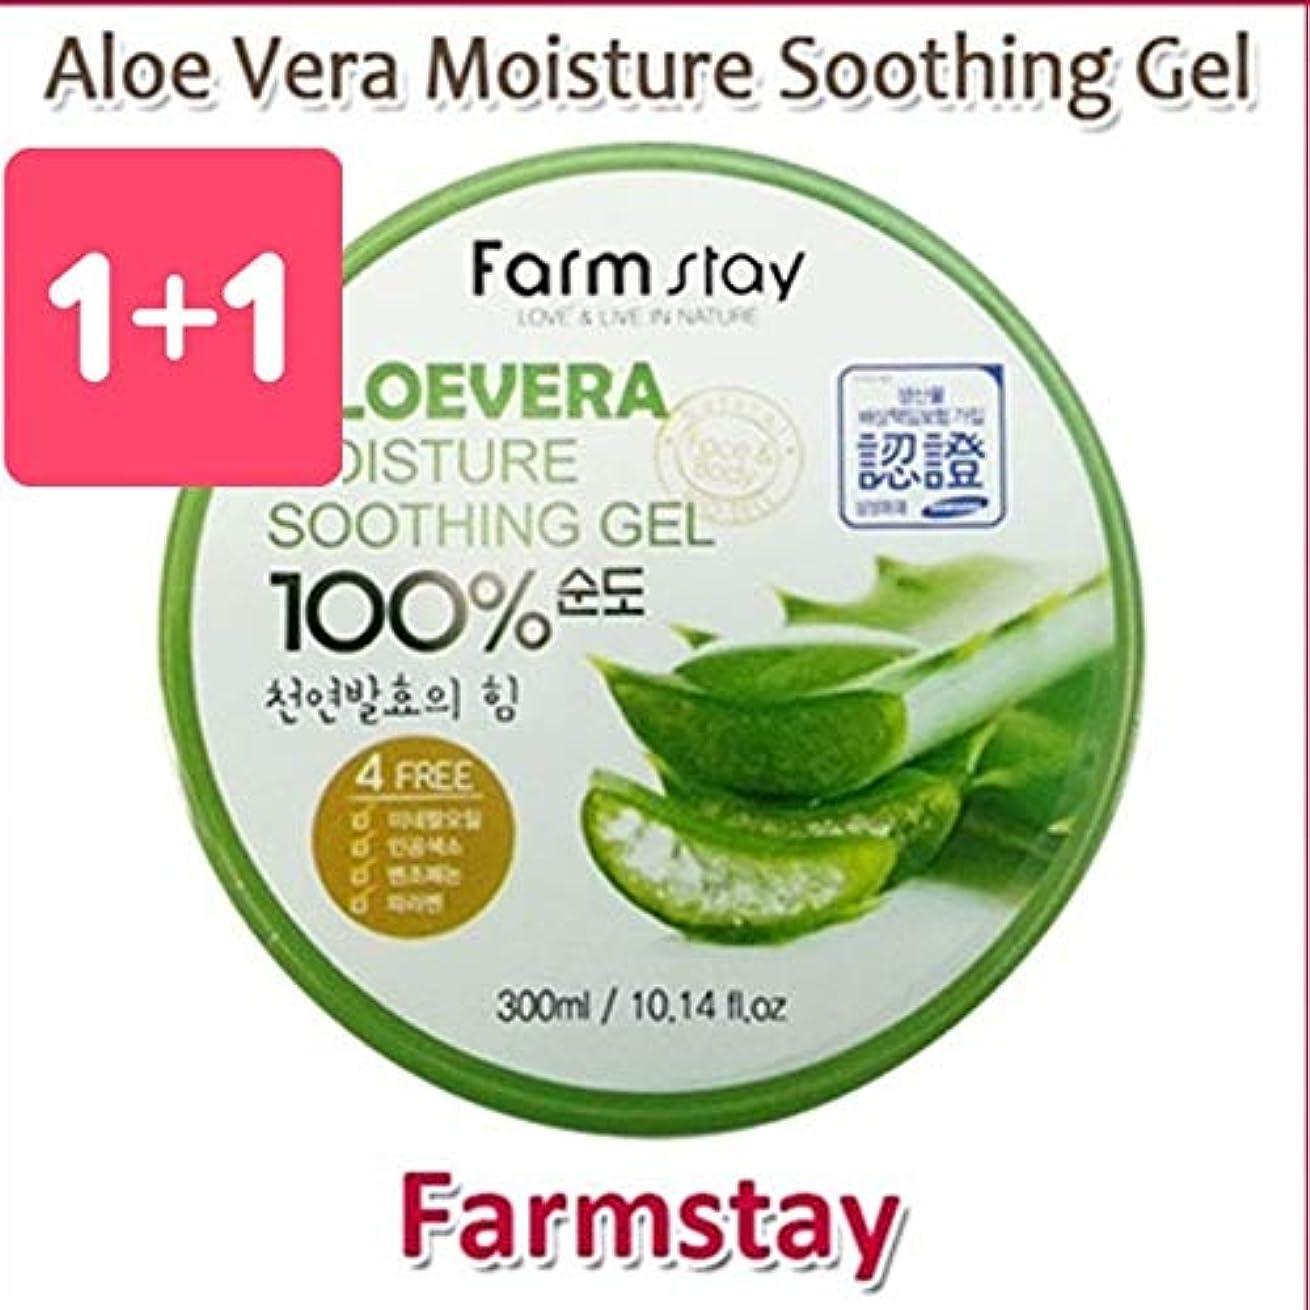 お互い棚些細なFarm Stay Aloe Vera Moisture Soothing Gel 300ml 1+1 Big Sale/オーガニック アロエベラゲル 100%/保湿ケア/韓国コスメ/Aloe Vera 100% /Moisturizing...